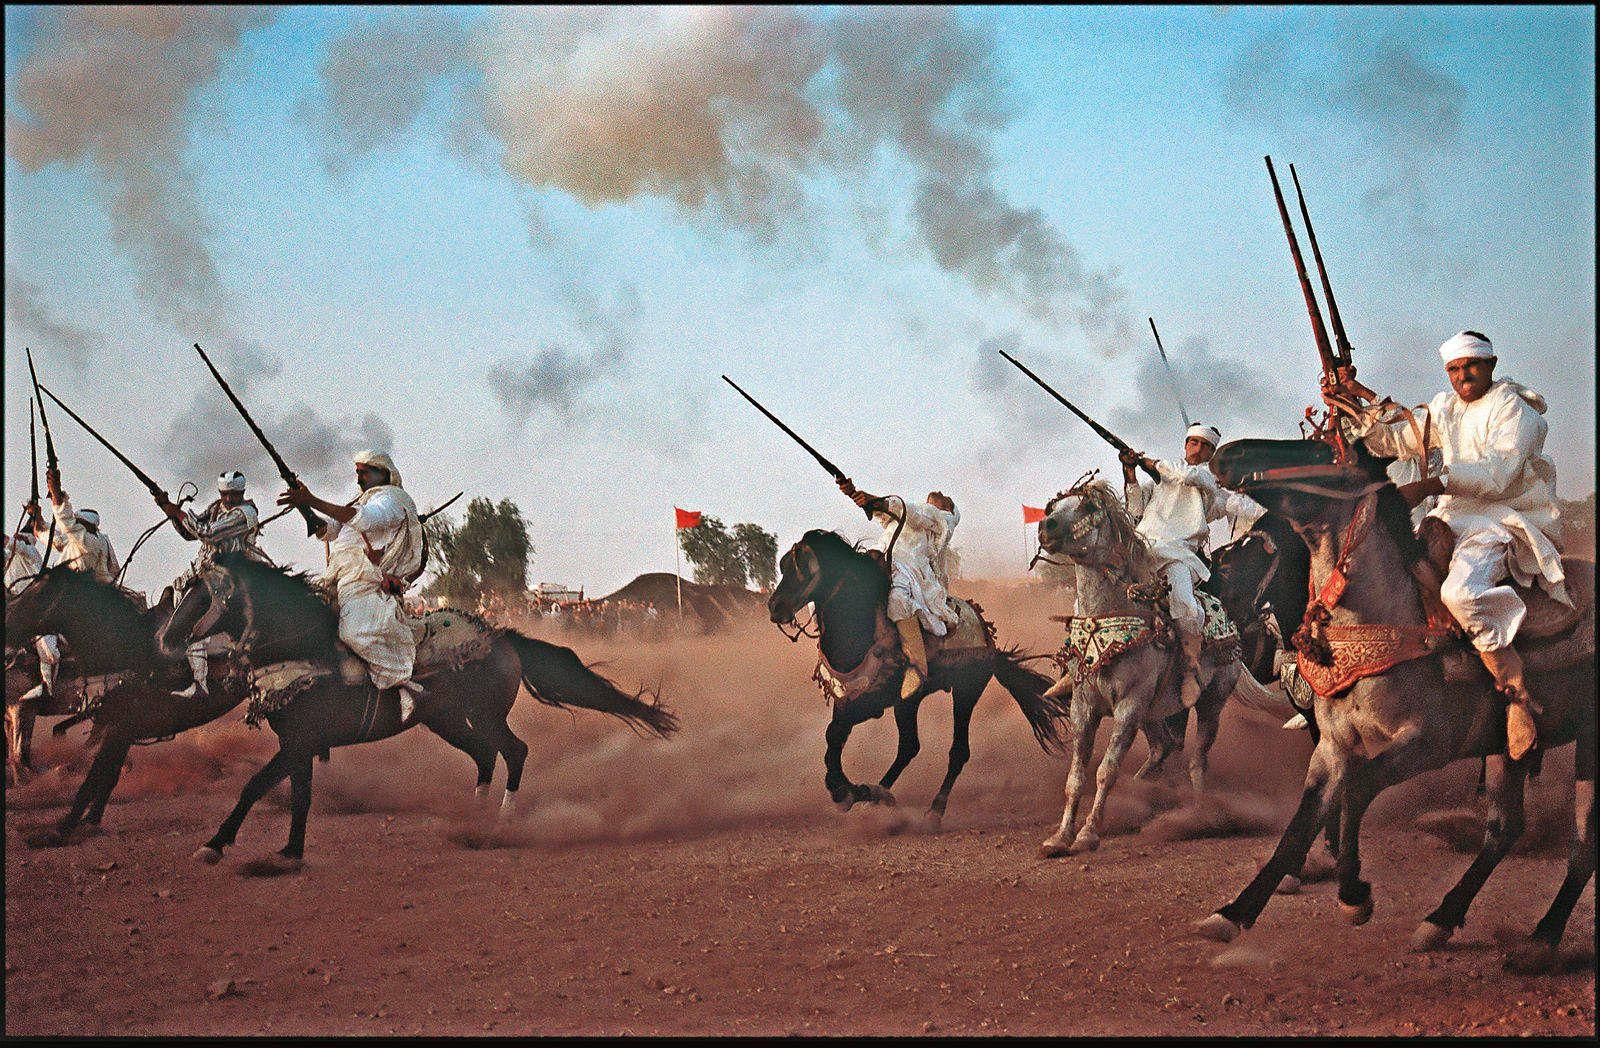 Horsemen of Morocco